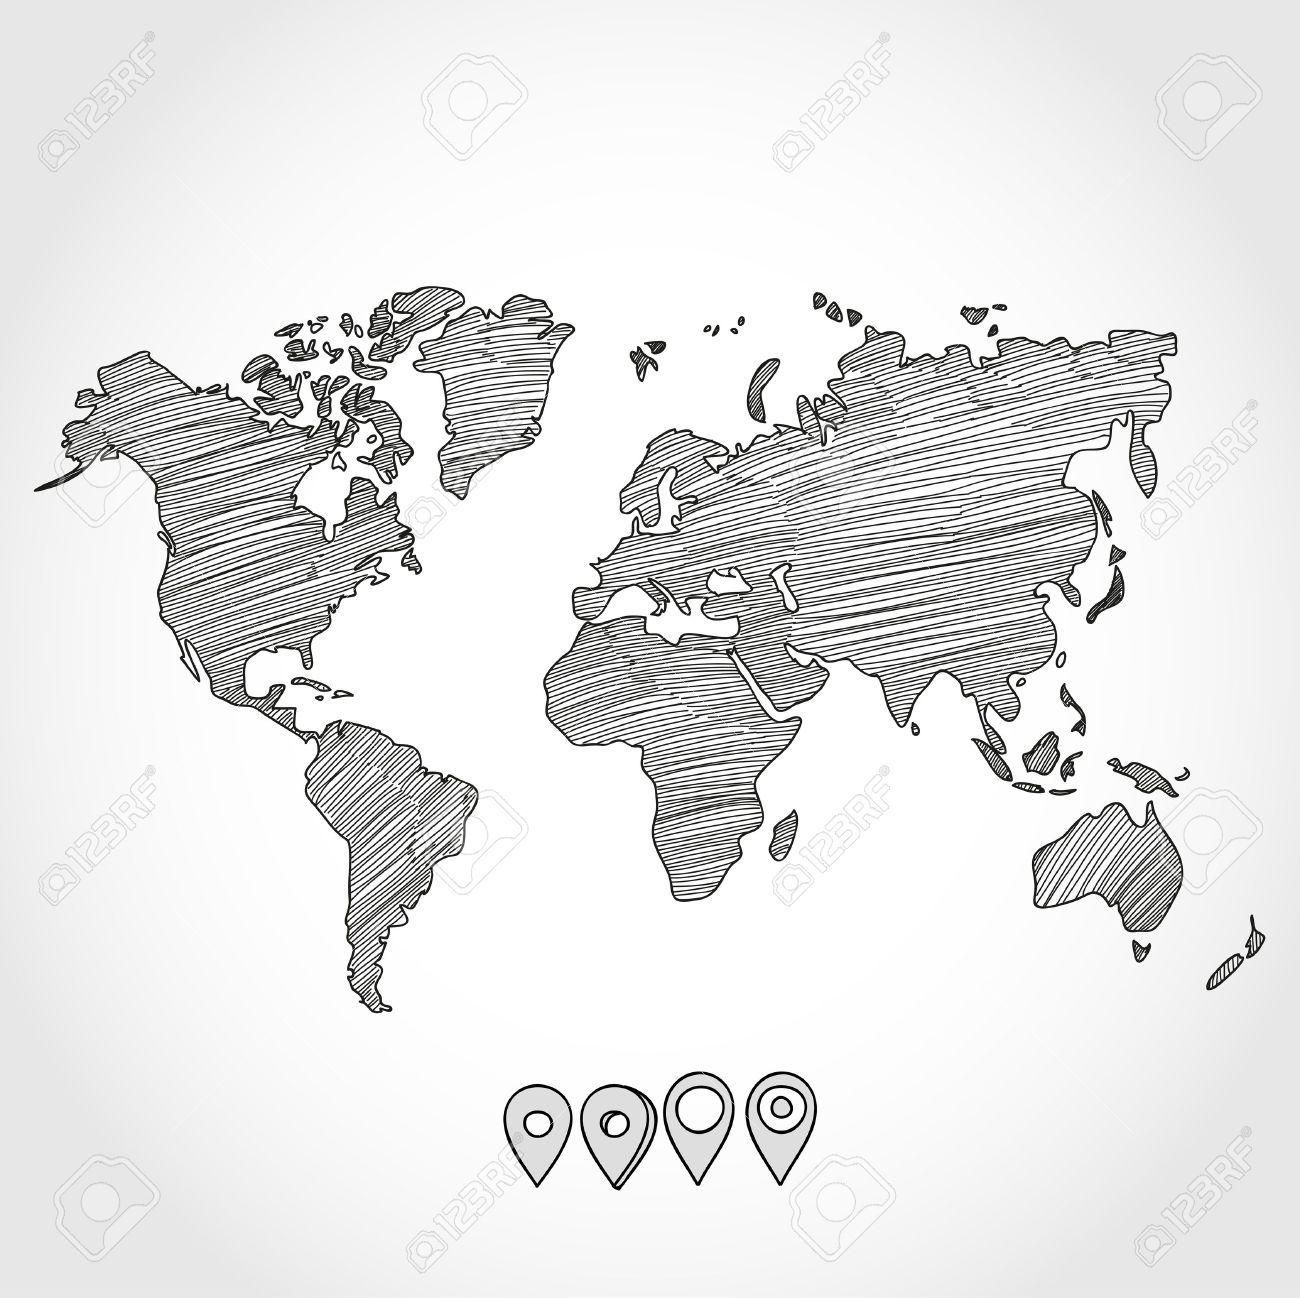 Weltkarte Von Hand Gezeichnet In 2019 Weltkarte Weltkarte